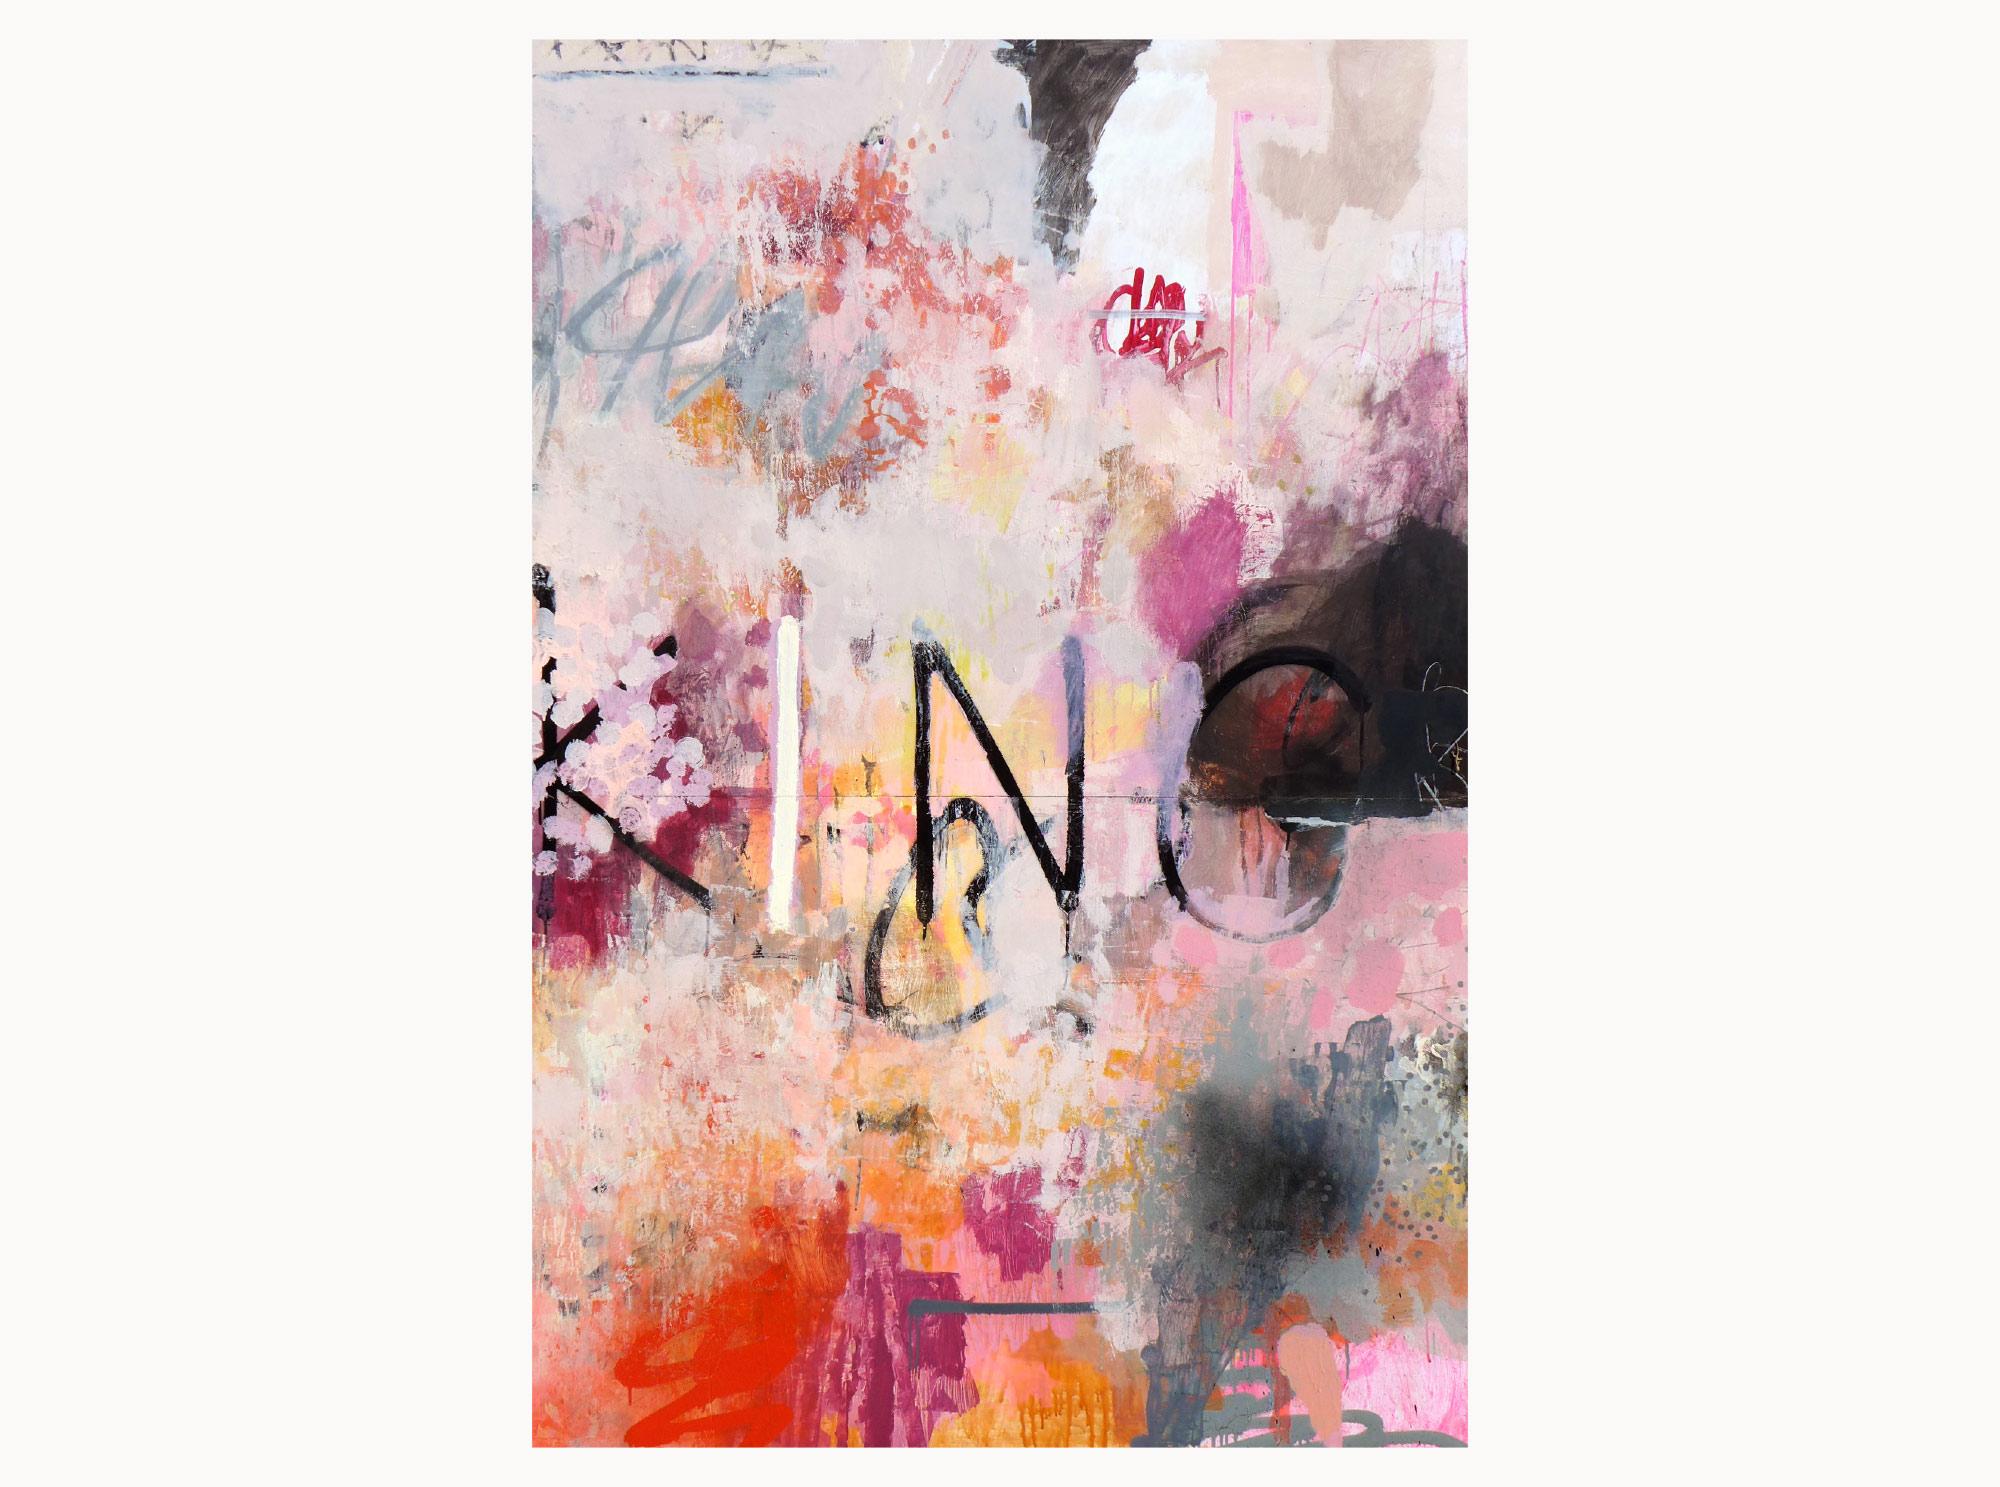 Outgrown,  2019, acrylic, aerosol, ink, plywood, 120 x 180 cm